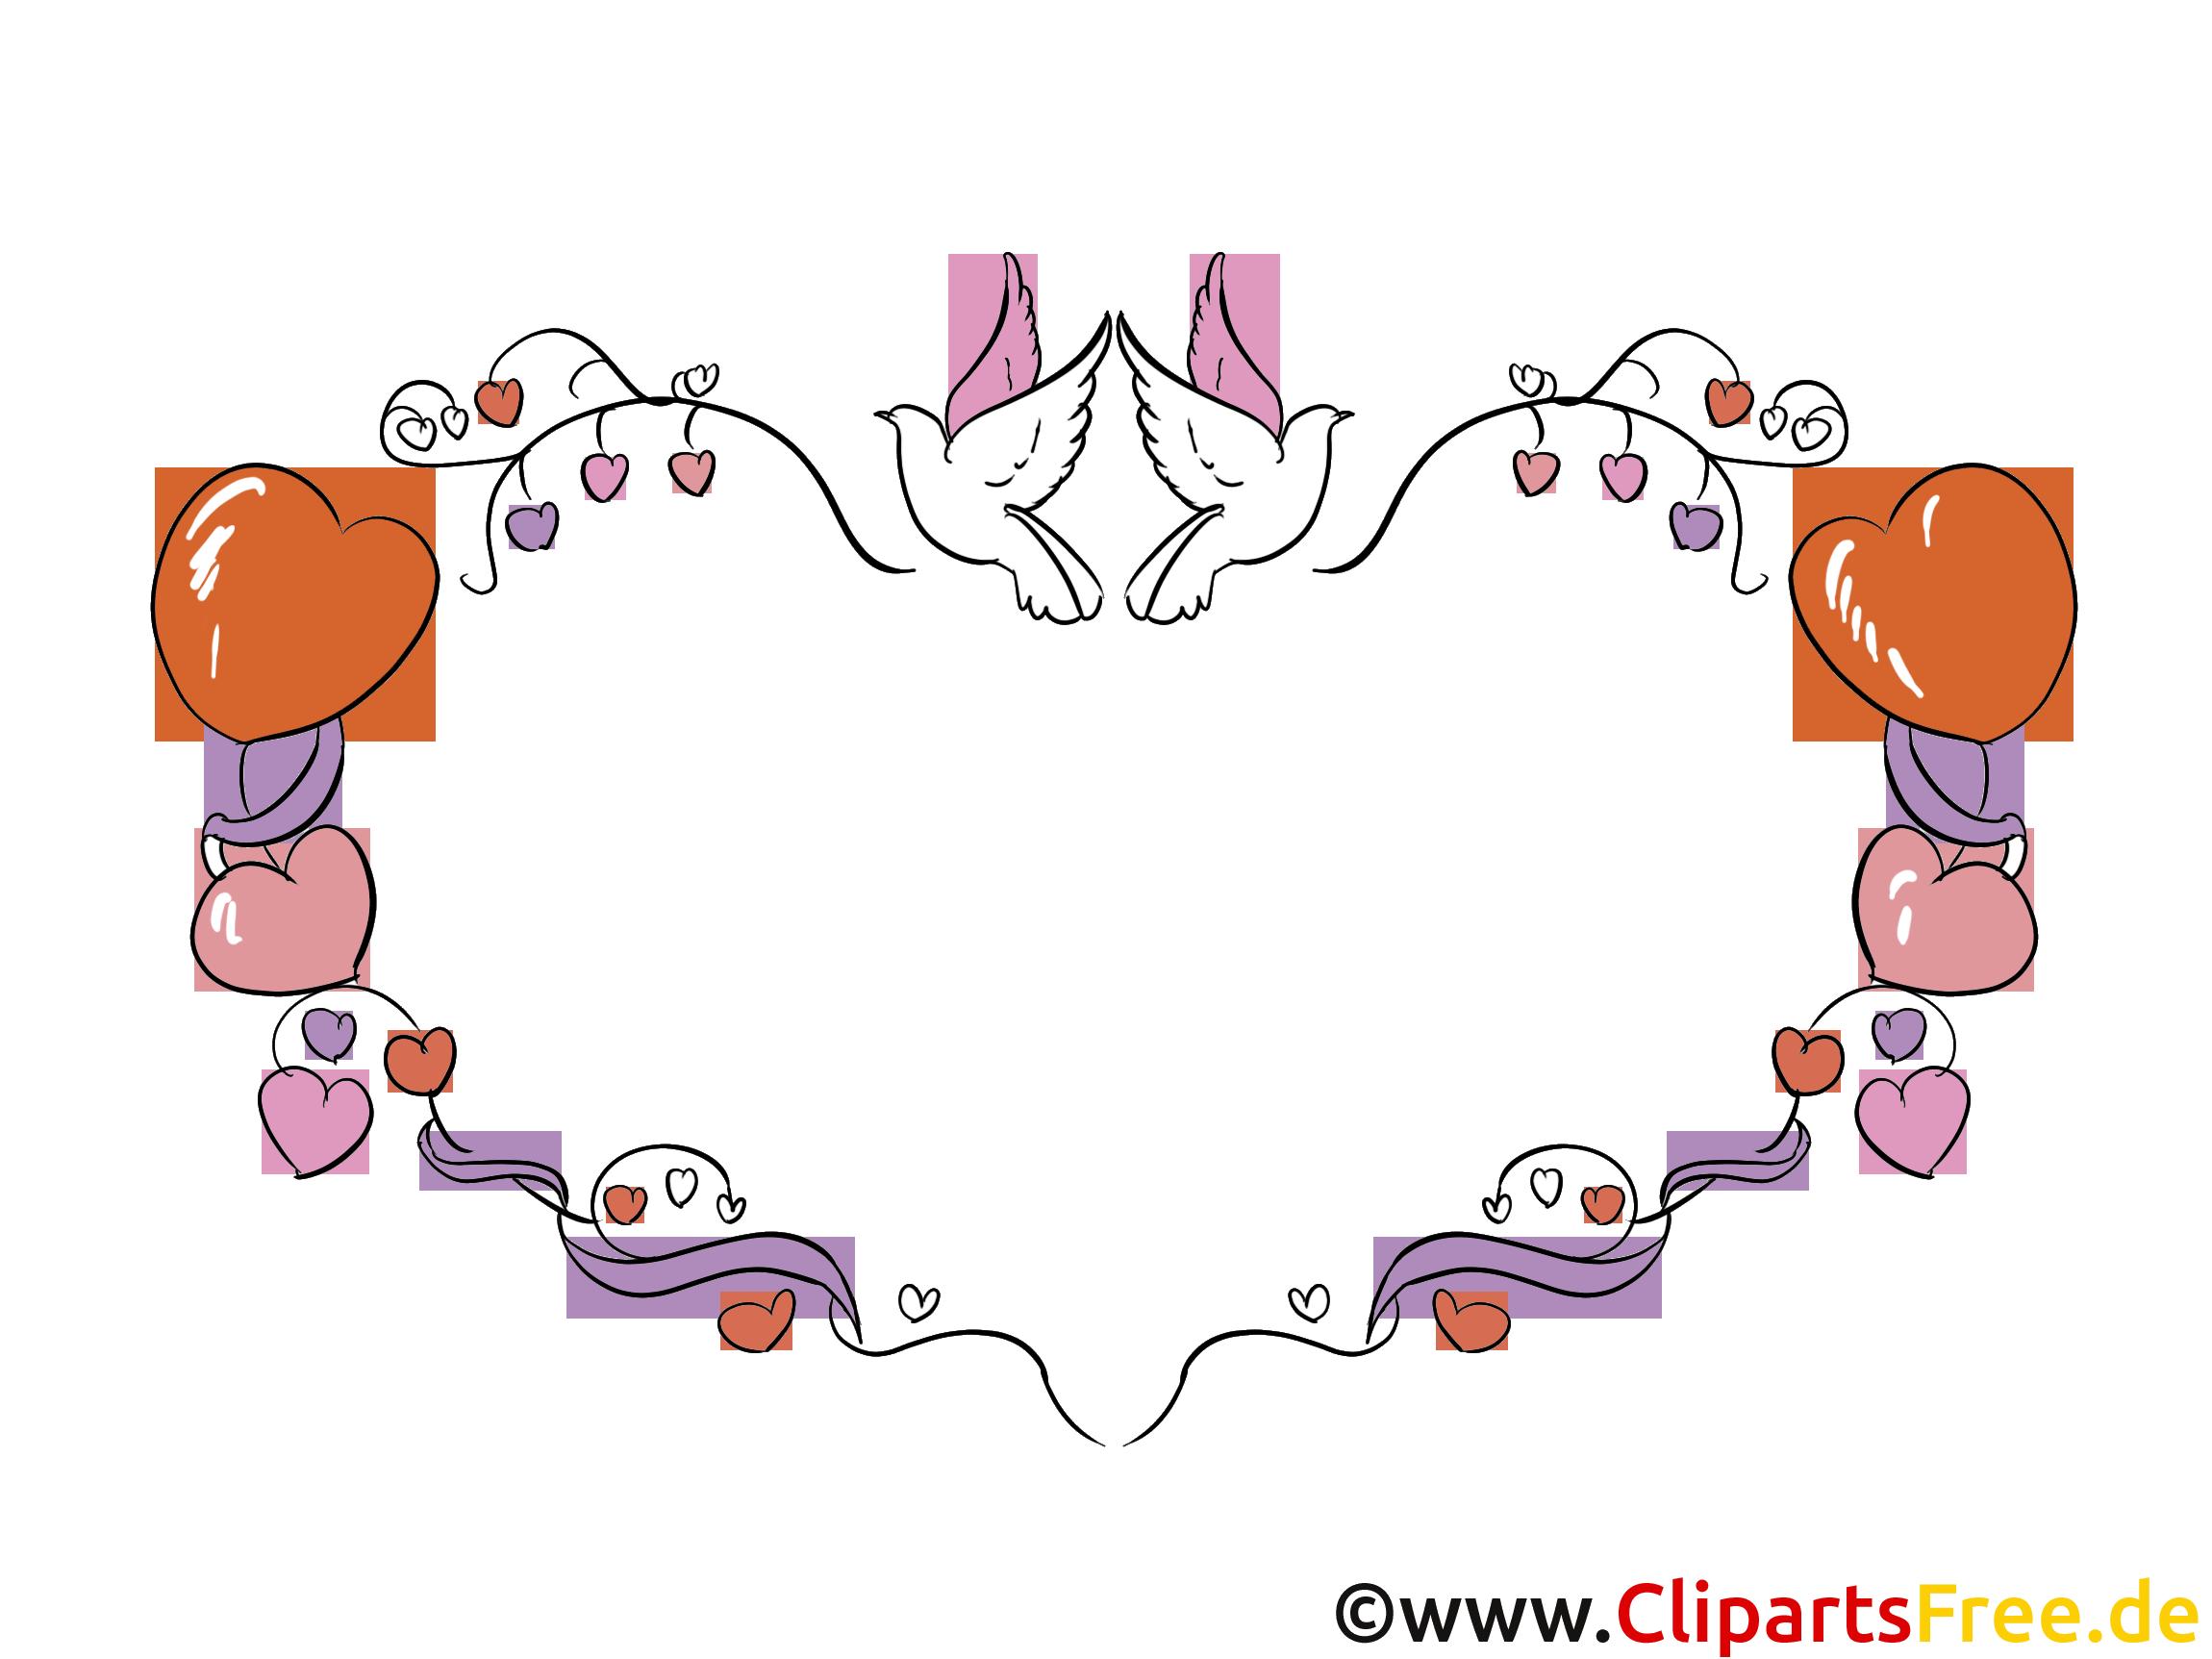 Coeurs cliparts images gratuites coeur dessin picture image graphic clip art t l charger - Images coeur gratuites ...